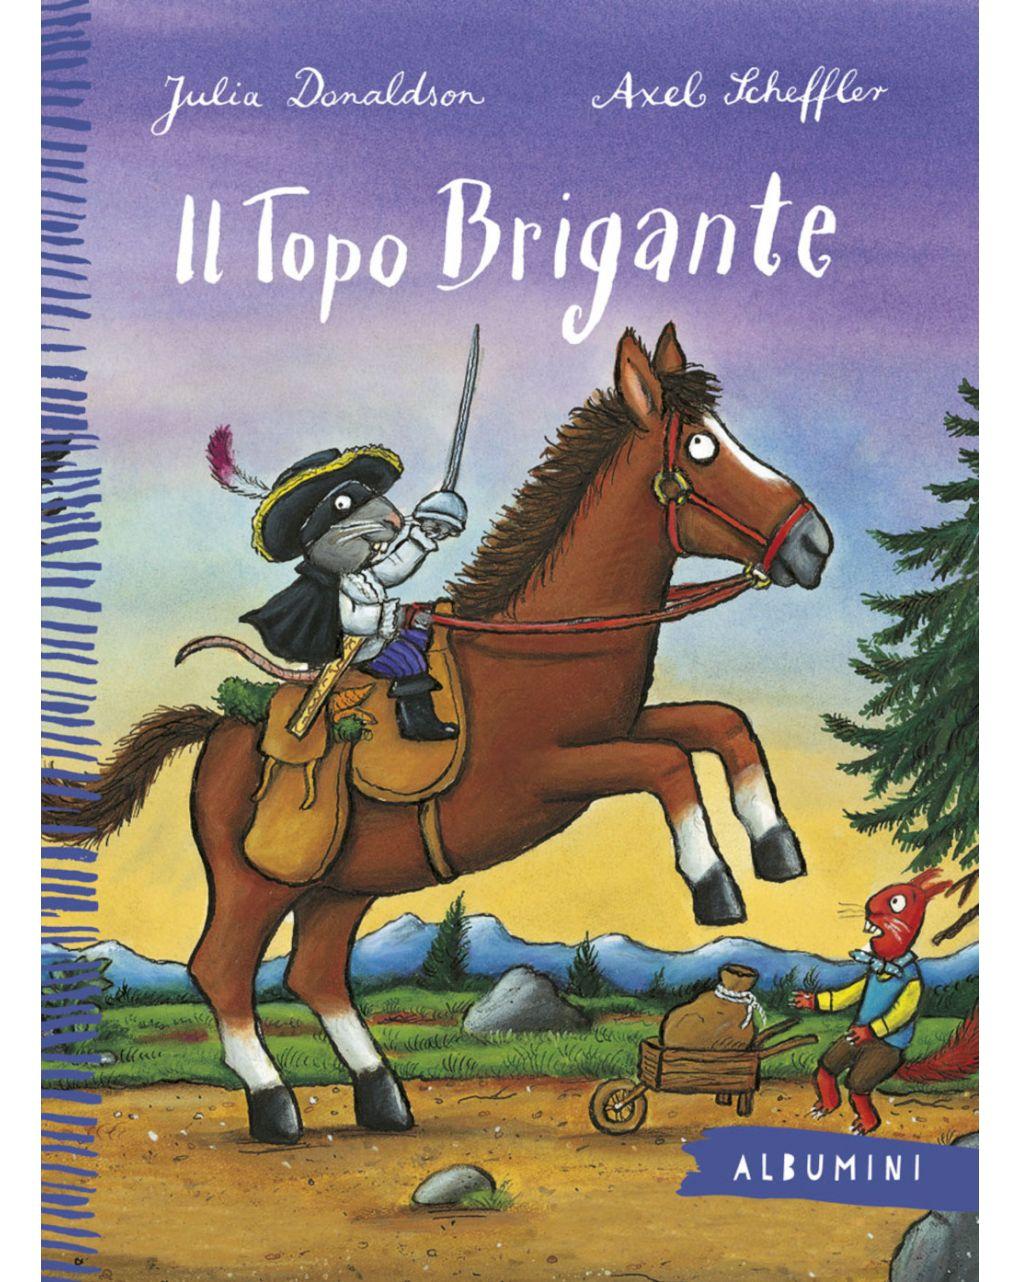 Albumini - il topo brigante - Edizioni EL